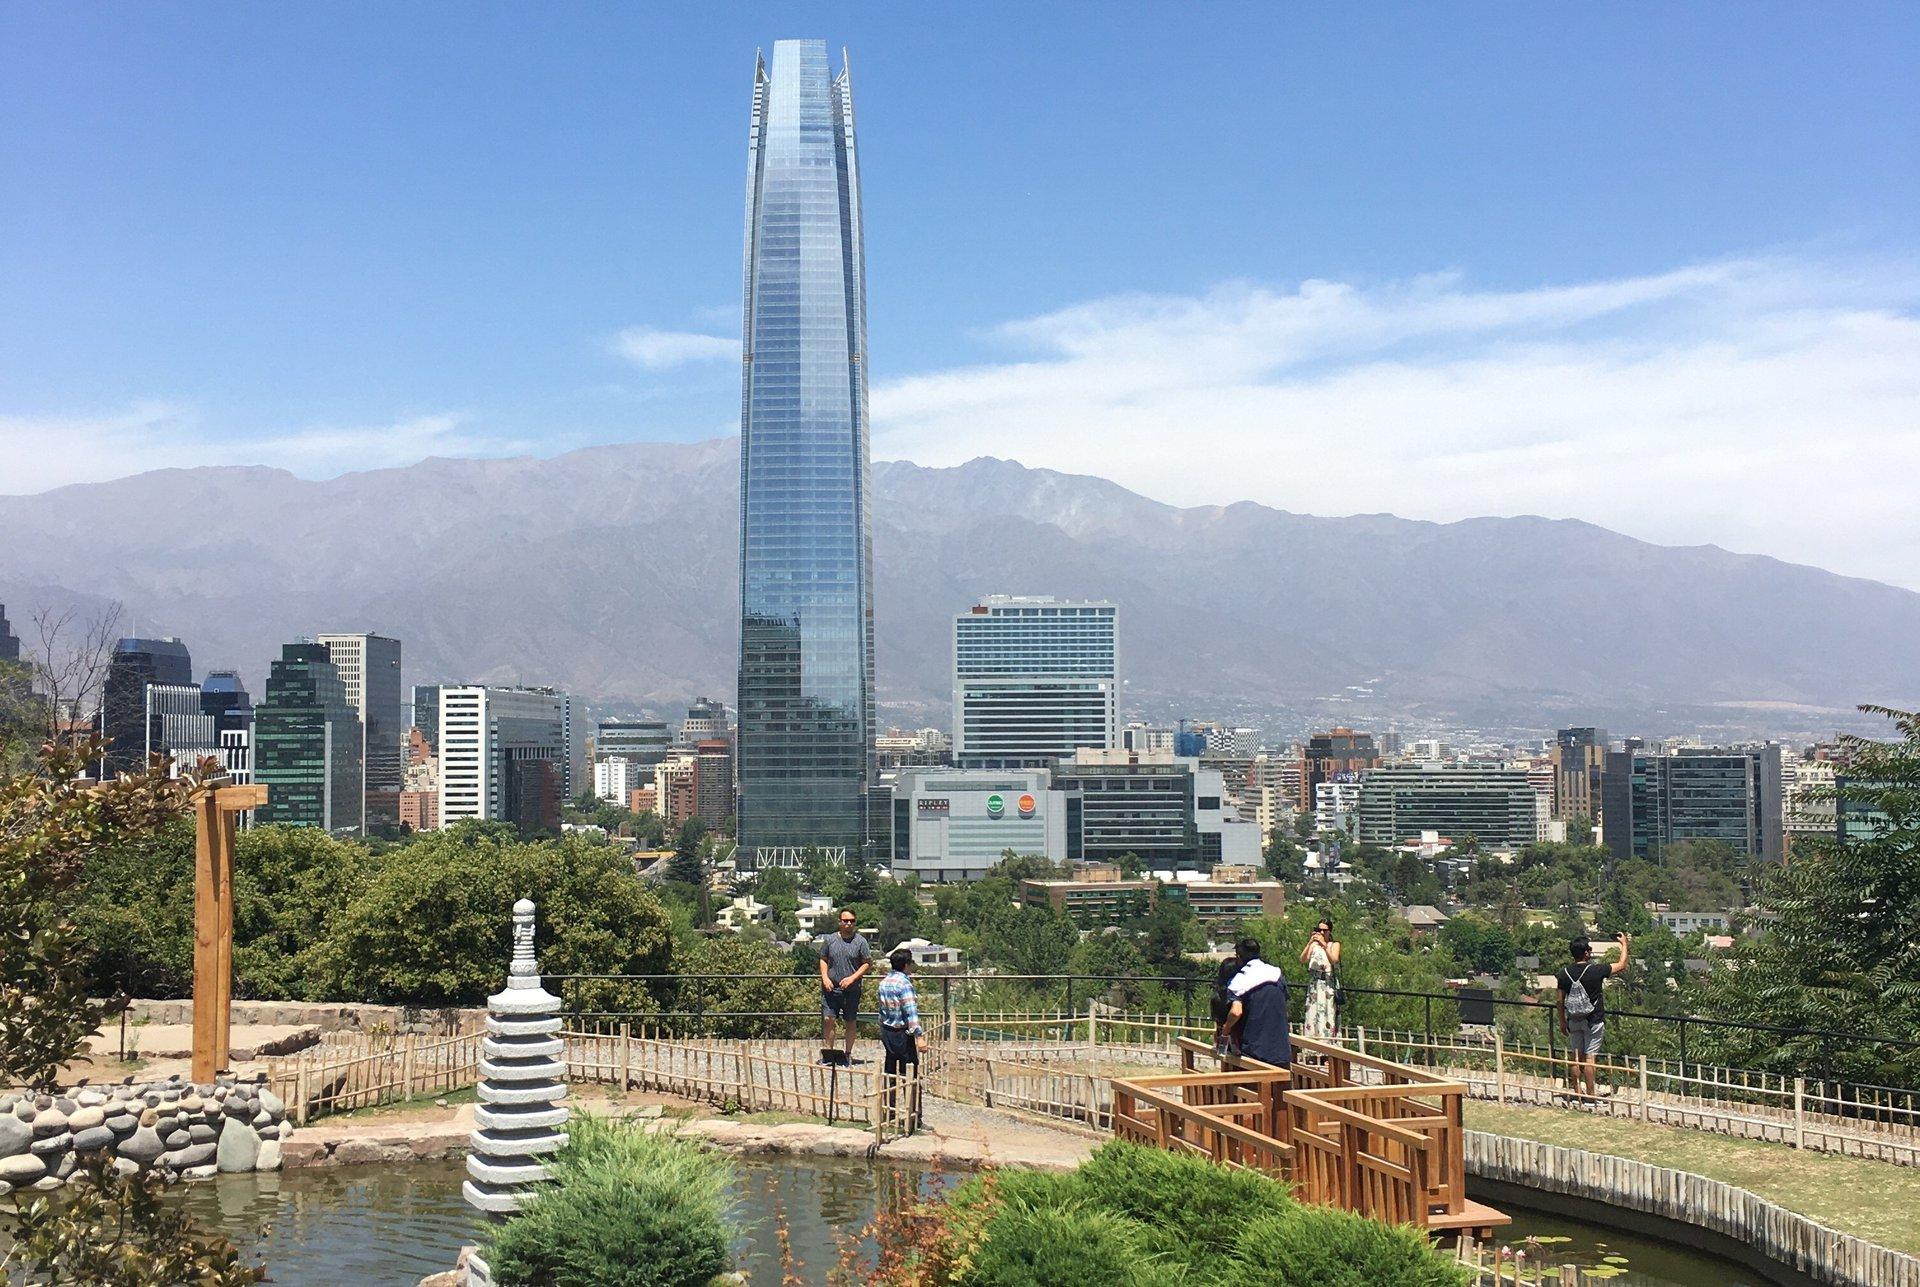 Скай Костанера (Sky Costanera) - самое высокое здание в Латинской Америке